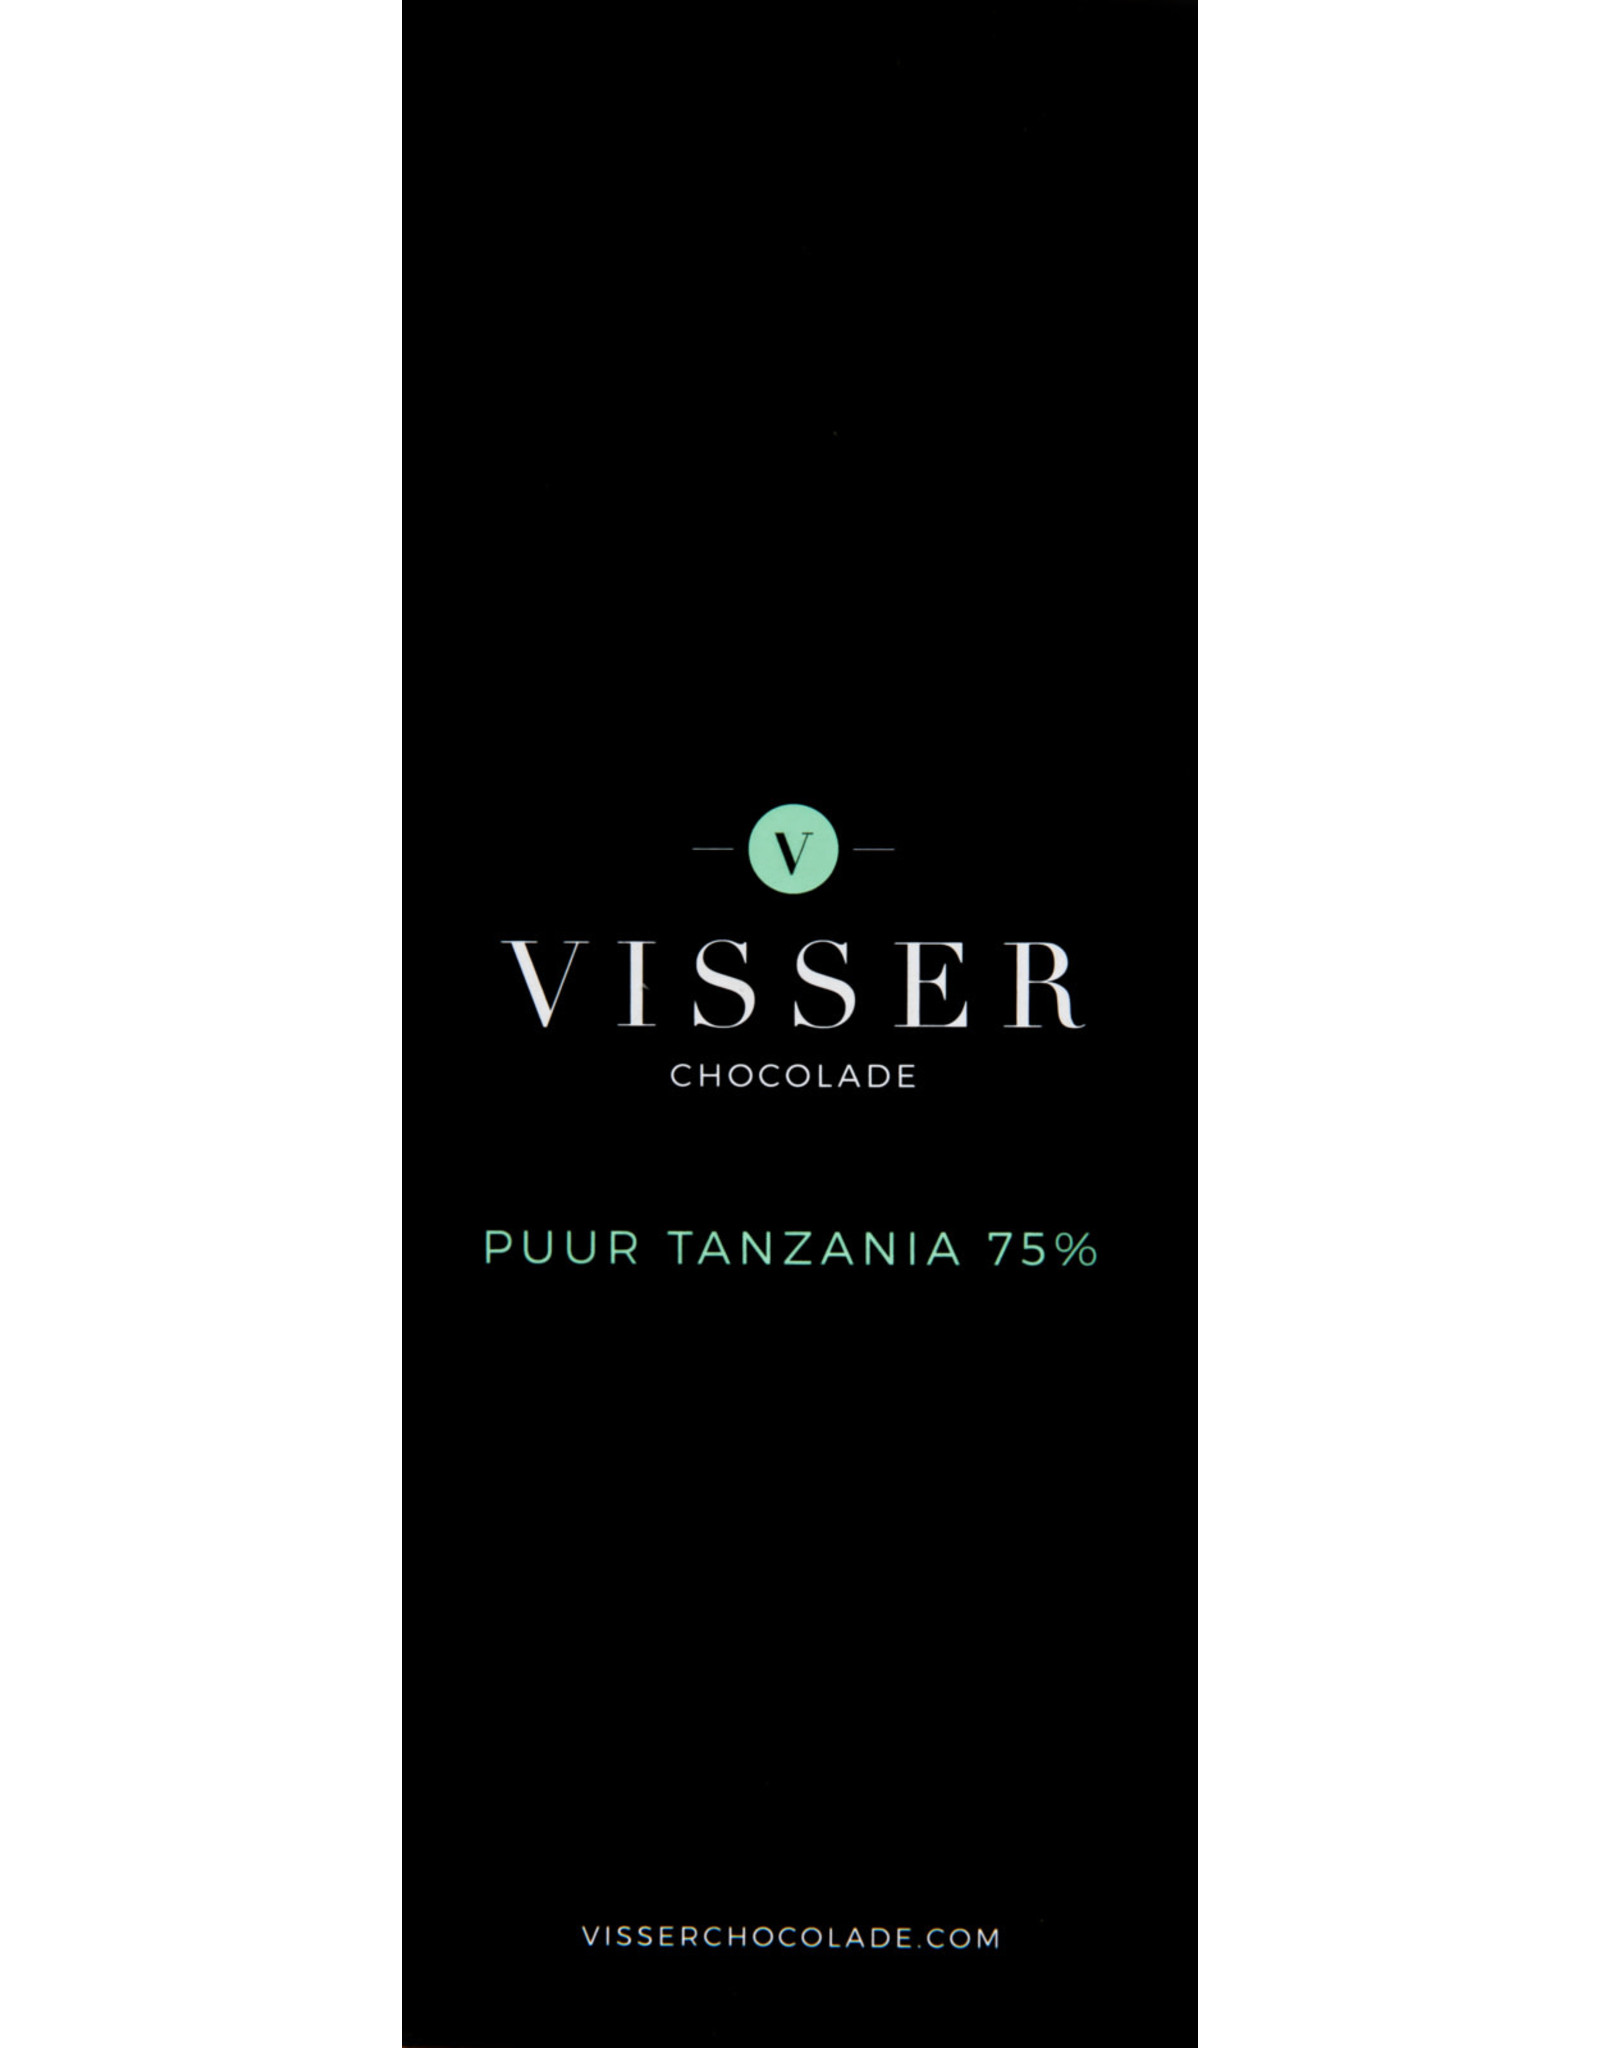 Visser Chocolade Puur Tanzania 75%